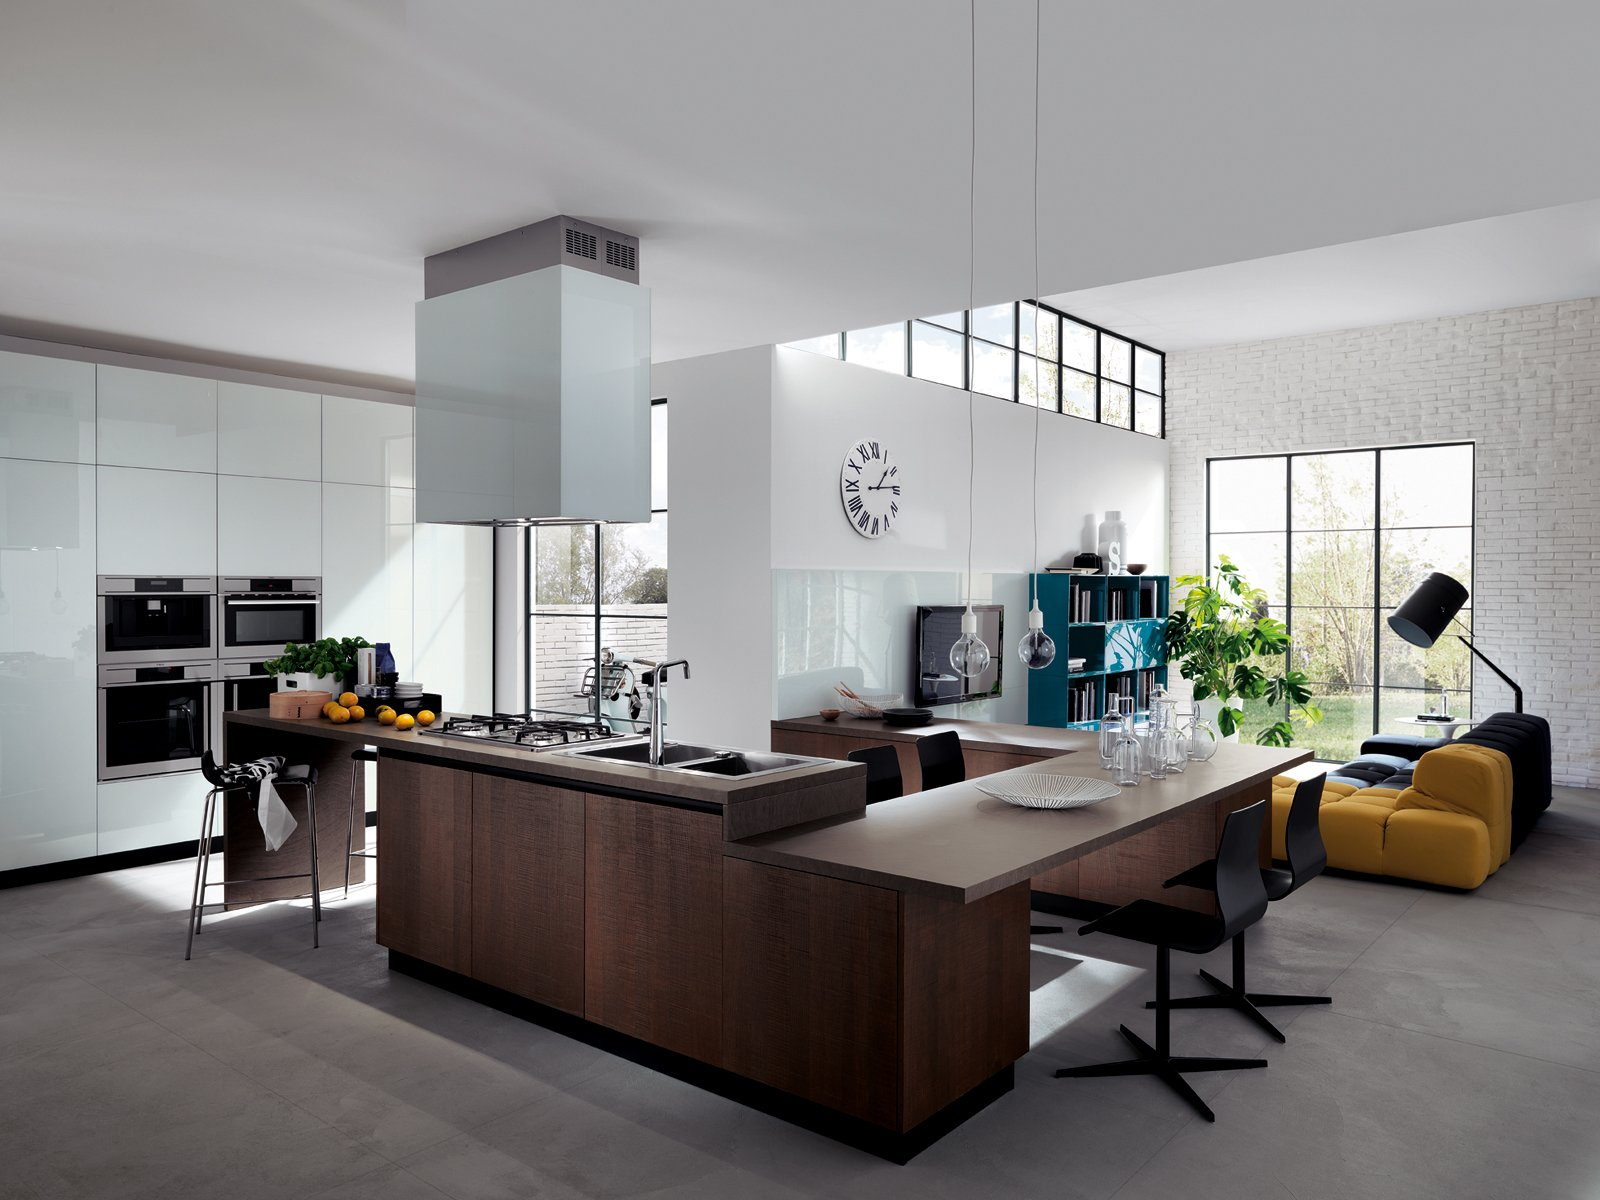 Cucine Con Penisola Cose Di Casa #706643 1600 1200 Cucine Piccole Dimensioni Con Isola